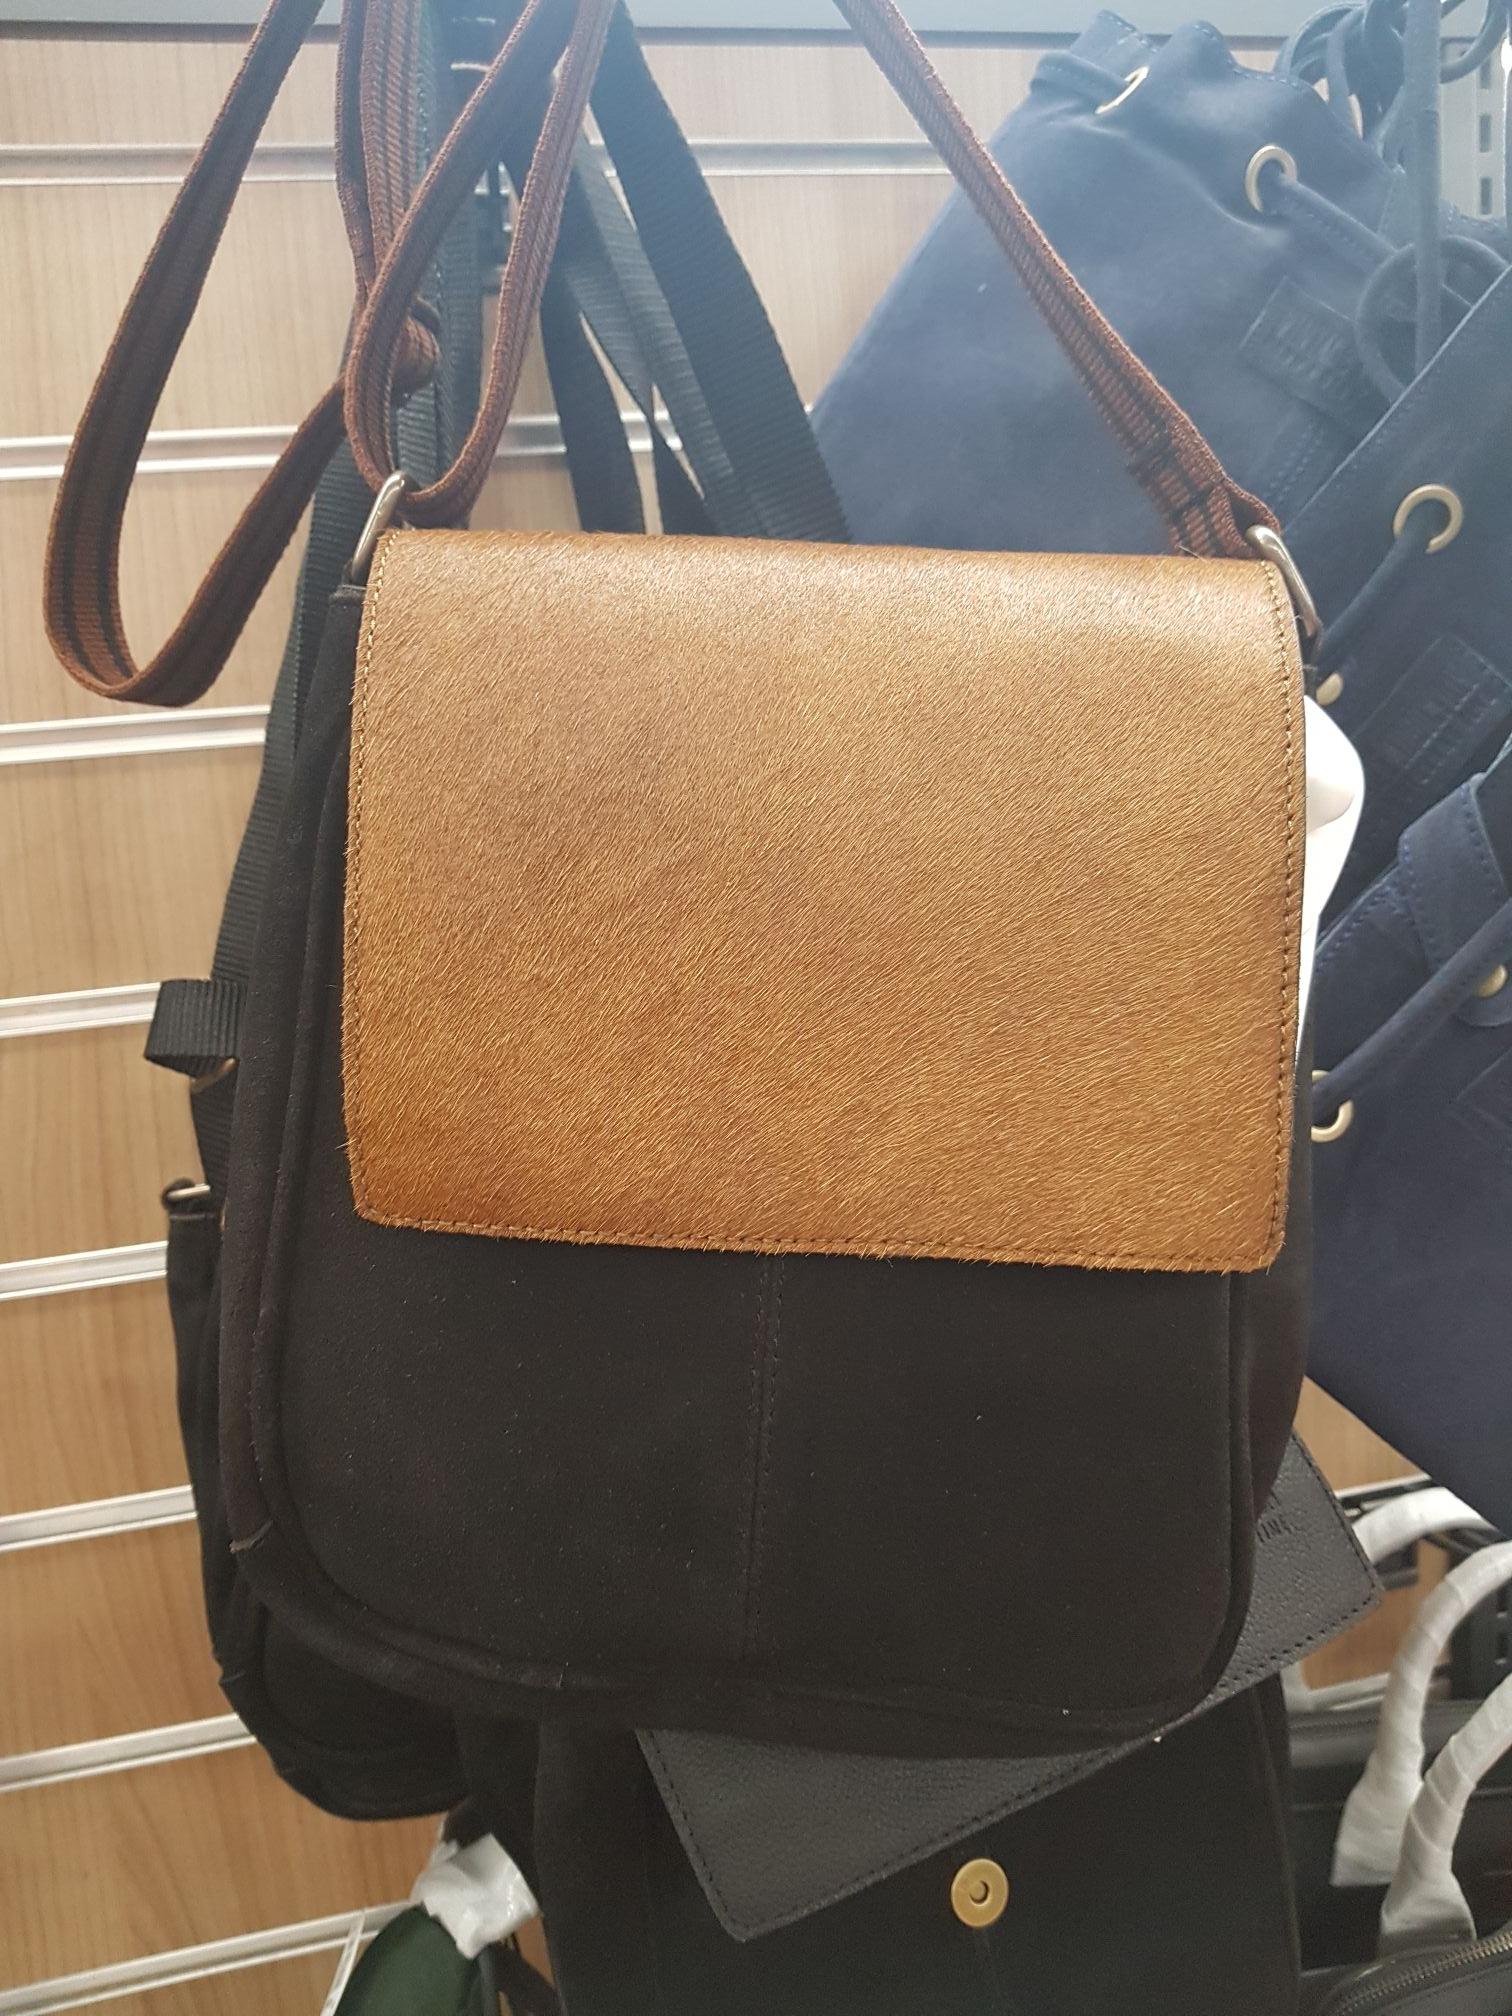 Sélection de sacs en cuir de vachette à 9.99€ - Castres (81)